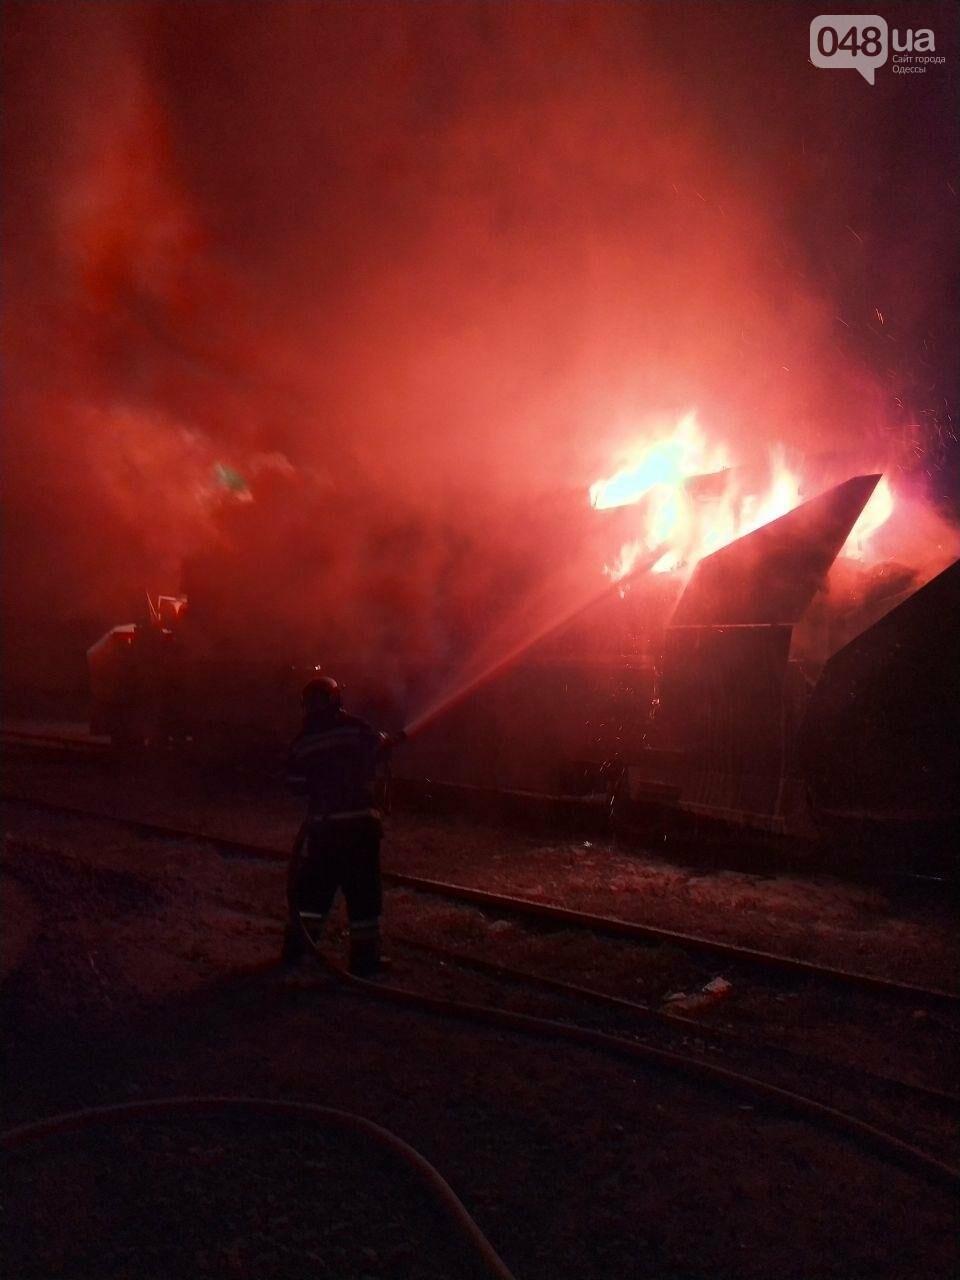 В Одесской области на железной дороге тушили масштабный пожар, - ФОТО1